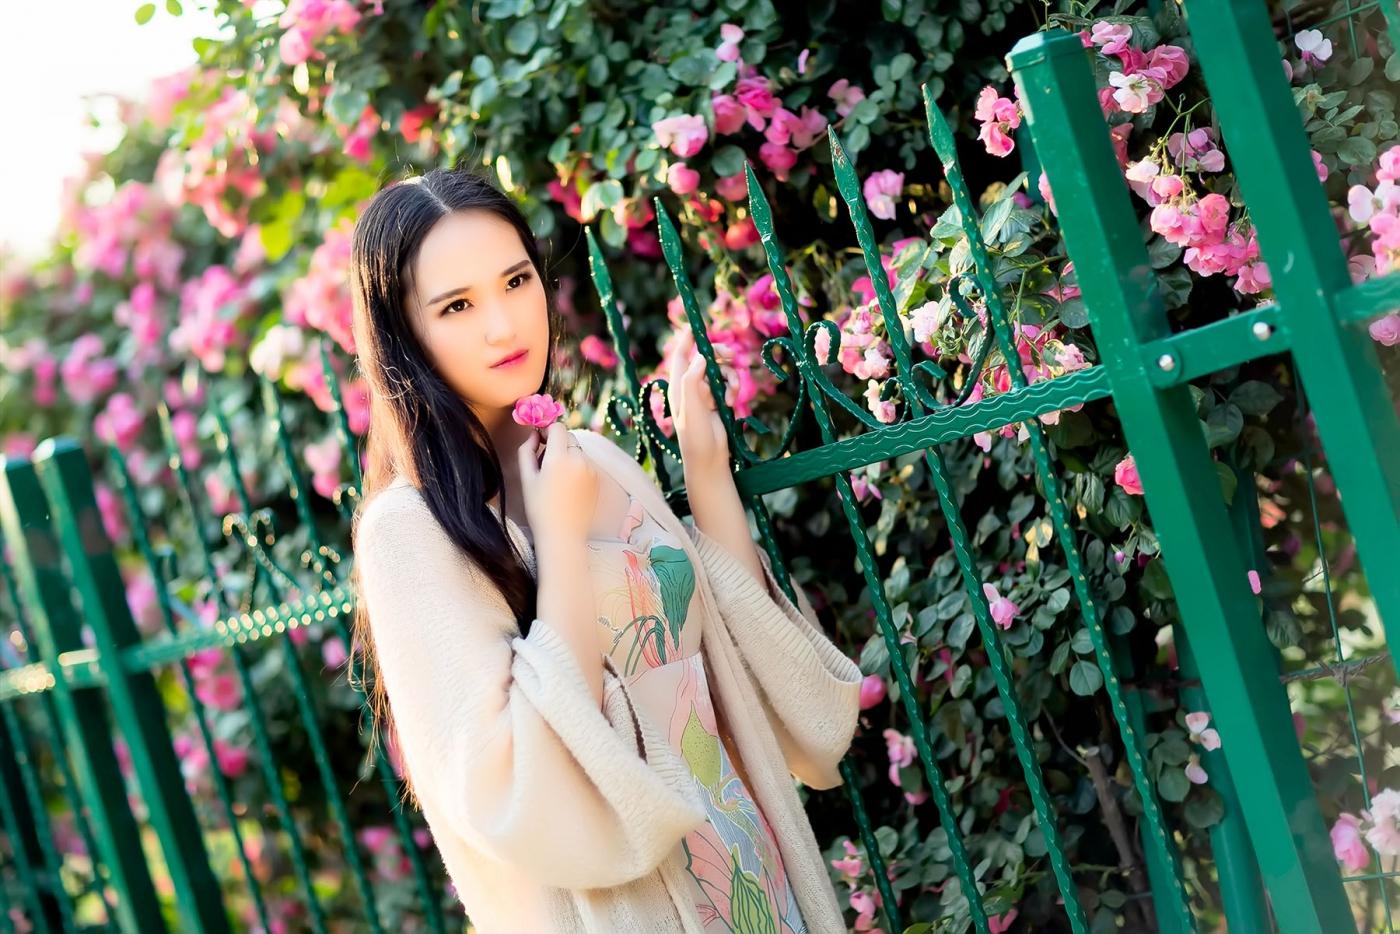 蔷薇·阳光·女孩 去见你想见的人吧_图1-22